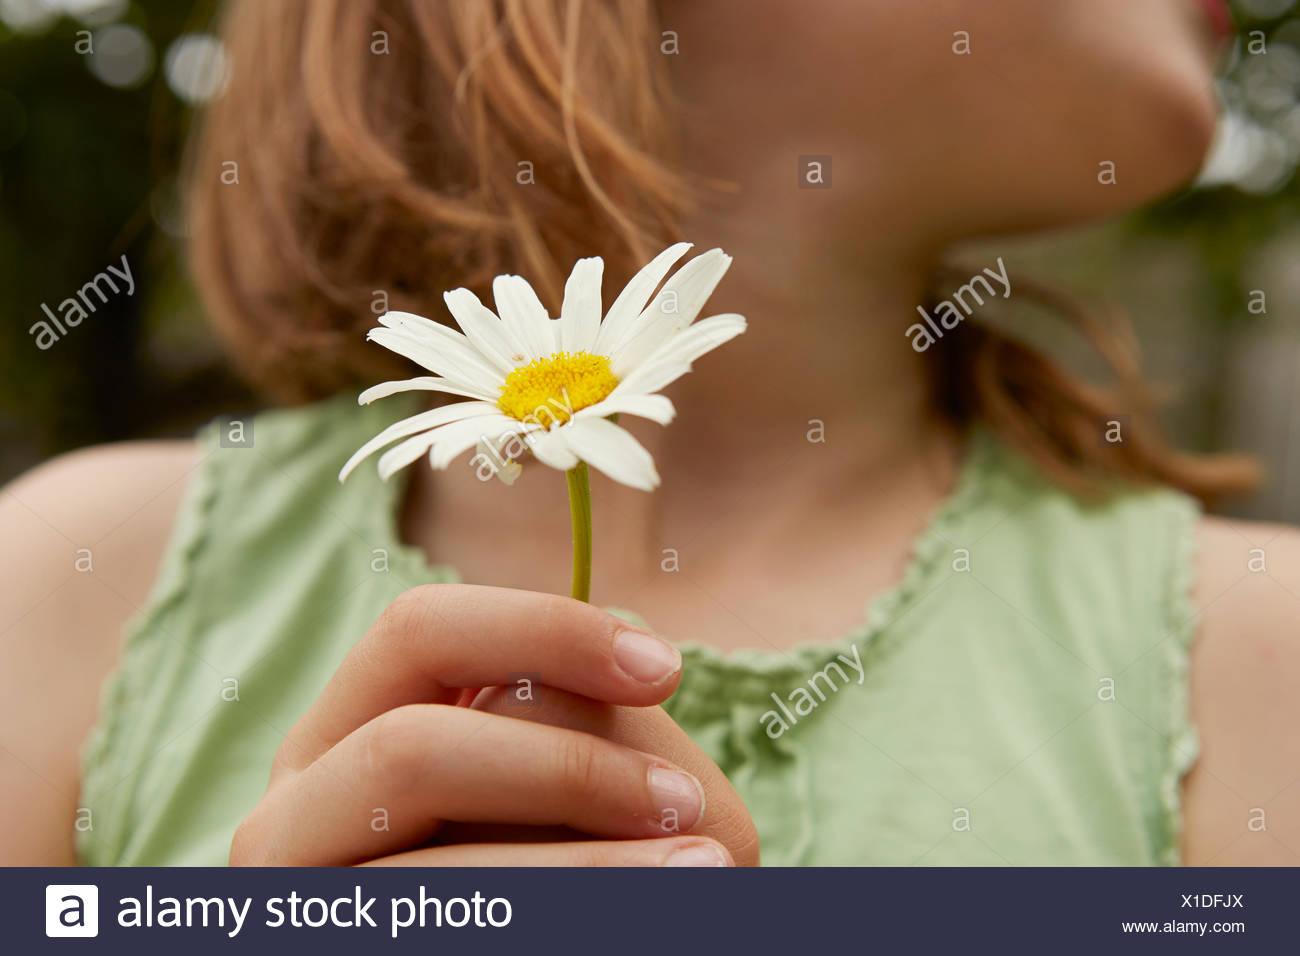 Imagen recortada de Chica sujetando la flor de margarita Imagen De Stock